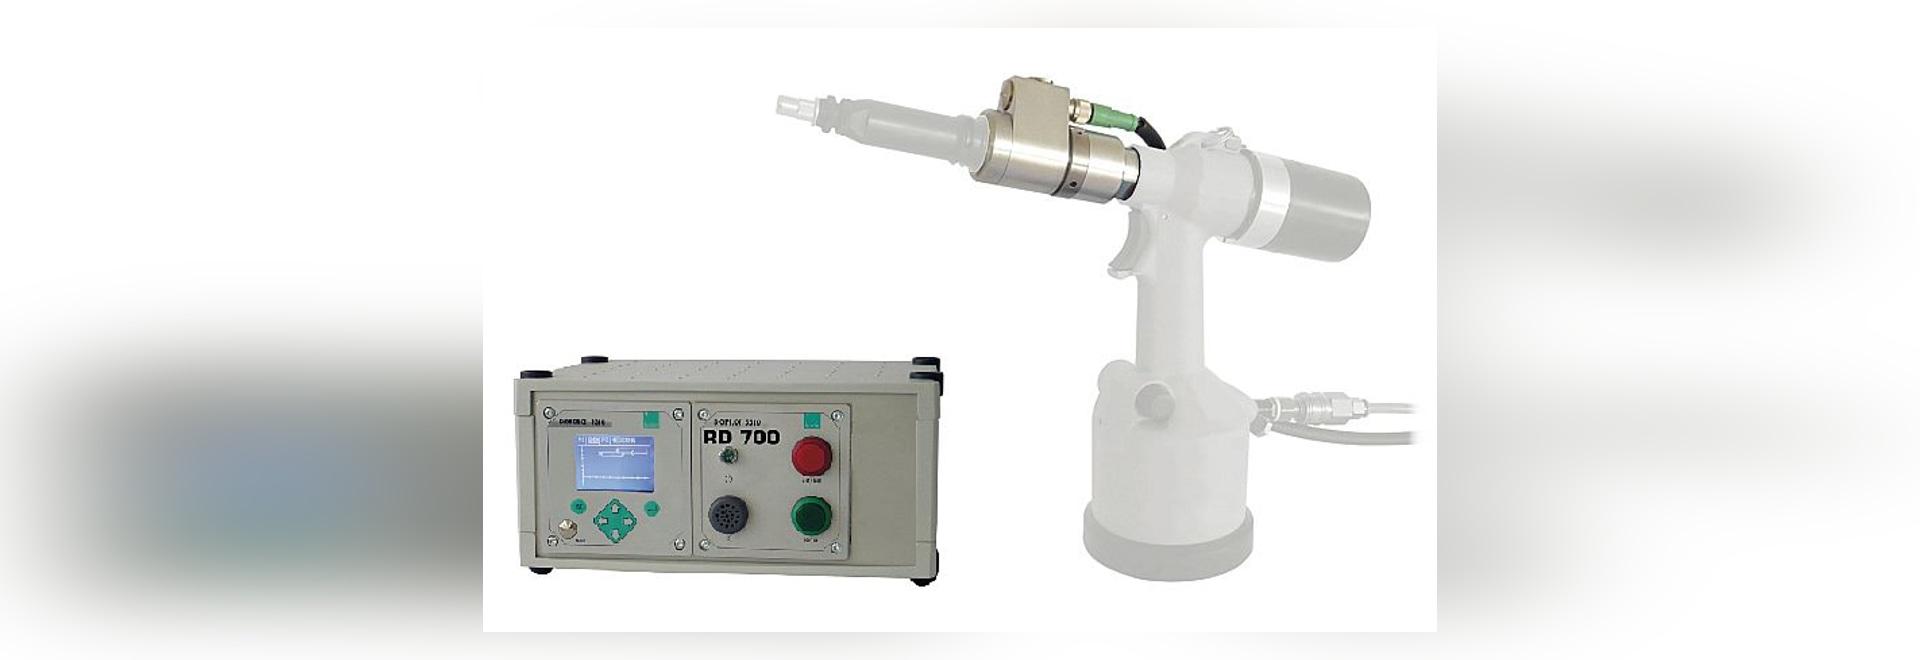 Le système de contrôle de processus RD 700 assure des standards